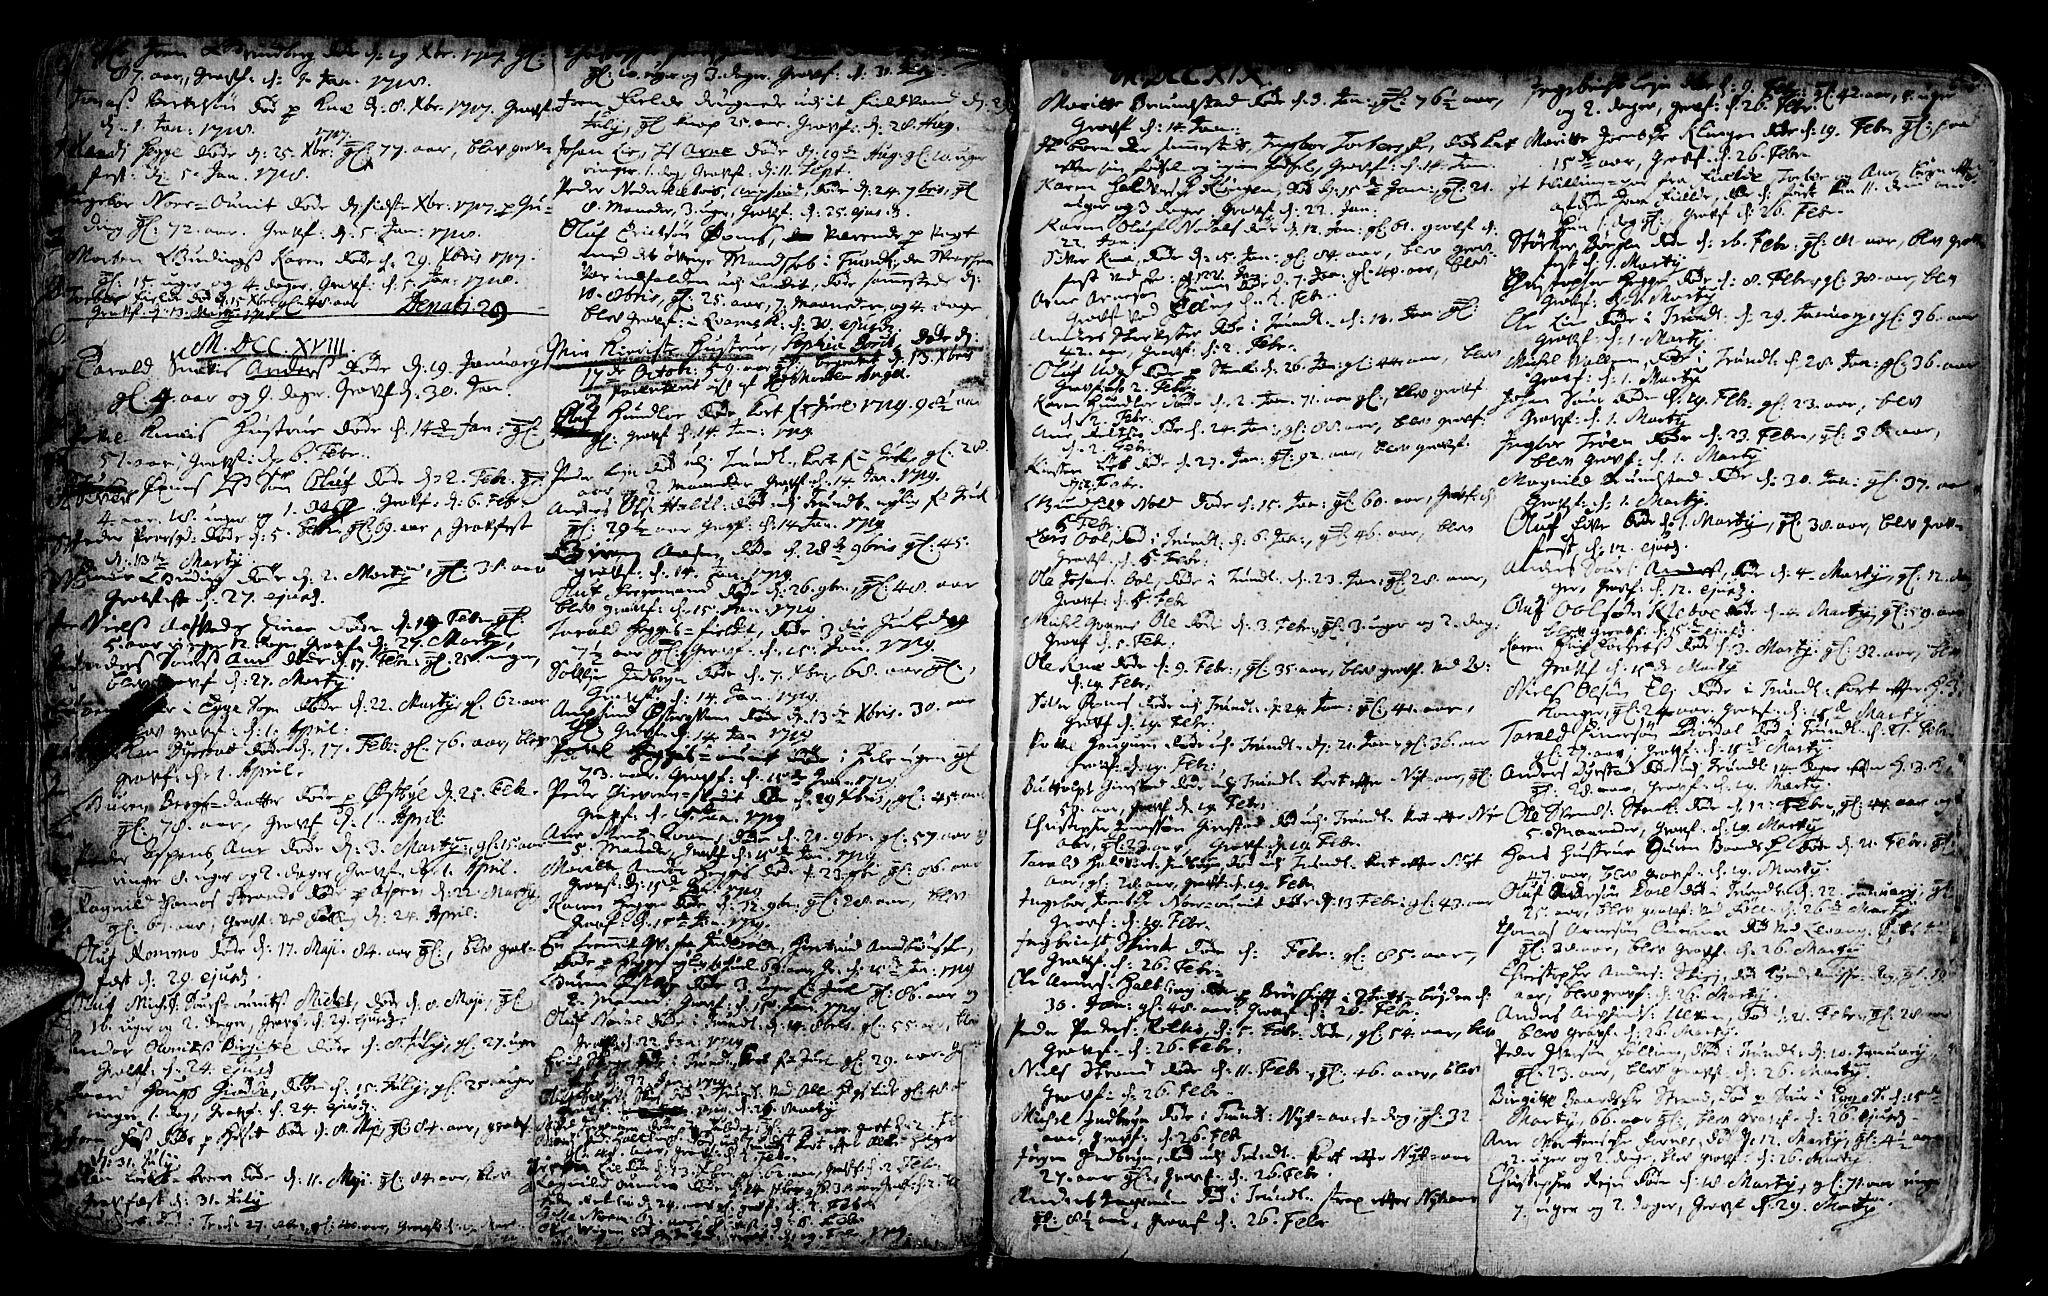 SAT, Ministerialprotokoller, klokkerbøker og fødselsregistre - Nord-Trøndelag, 746/L0439: Ministerialbok nr. 746A01, 1688-1759, s. 57